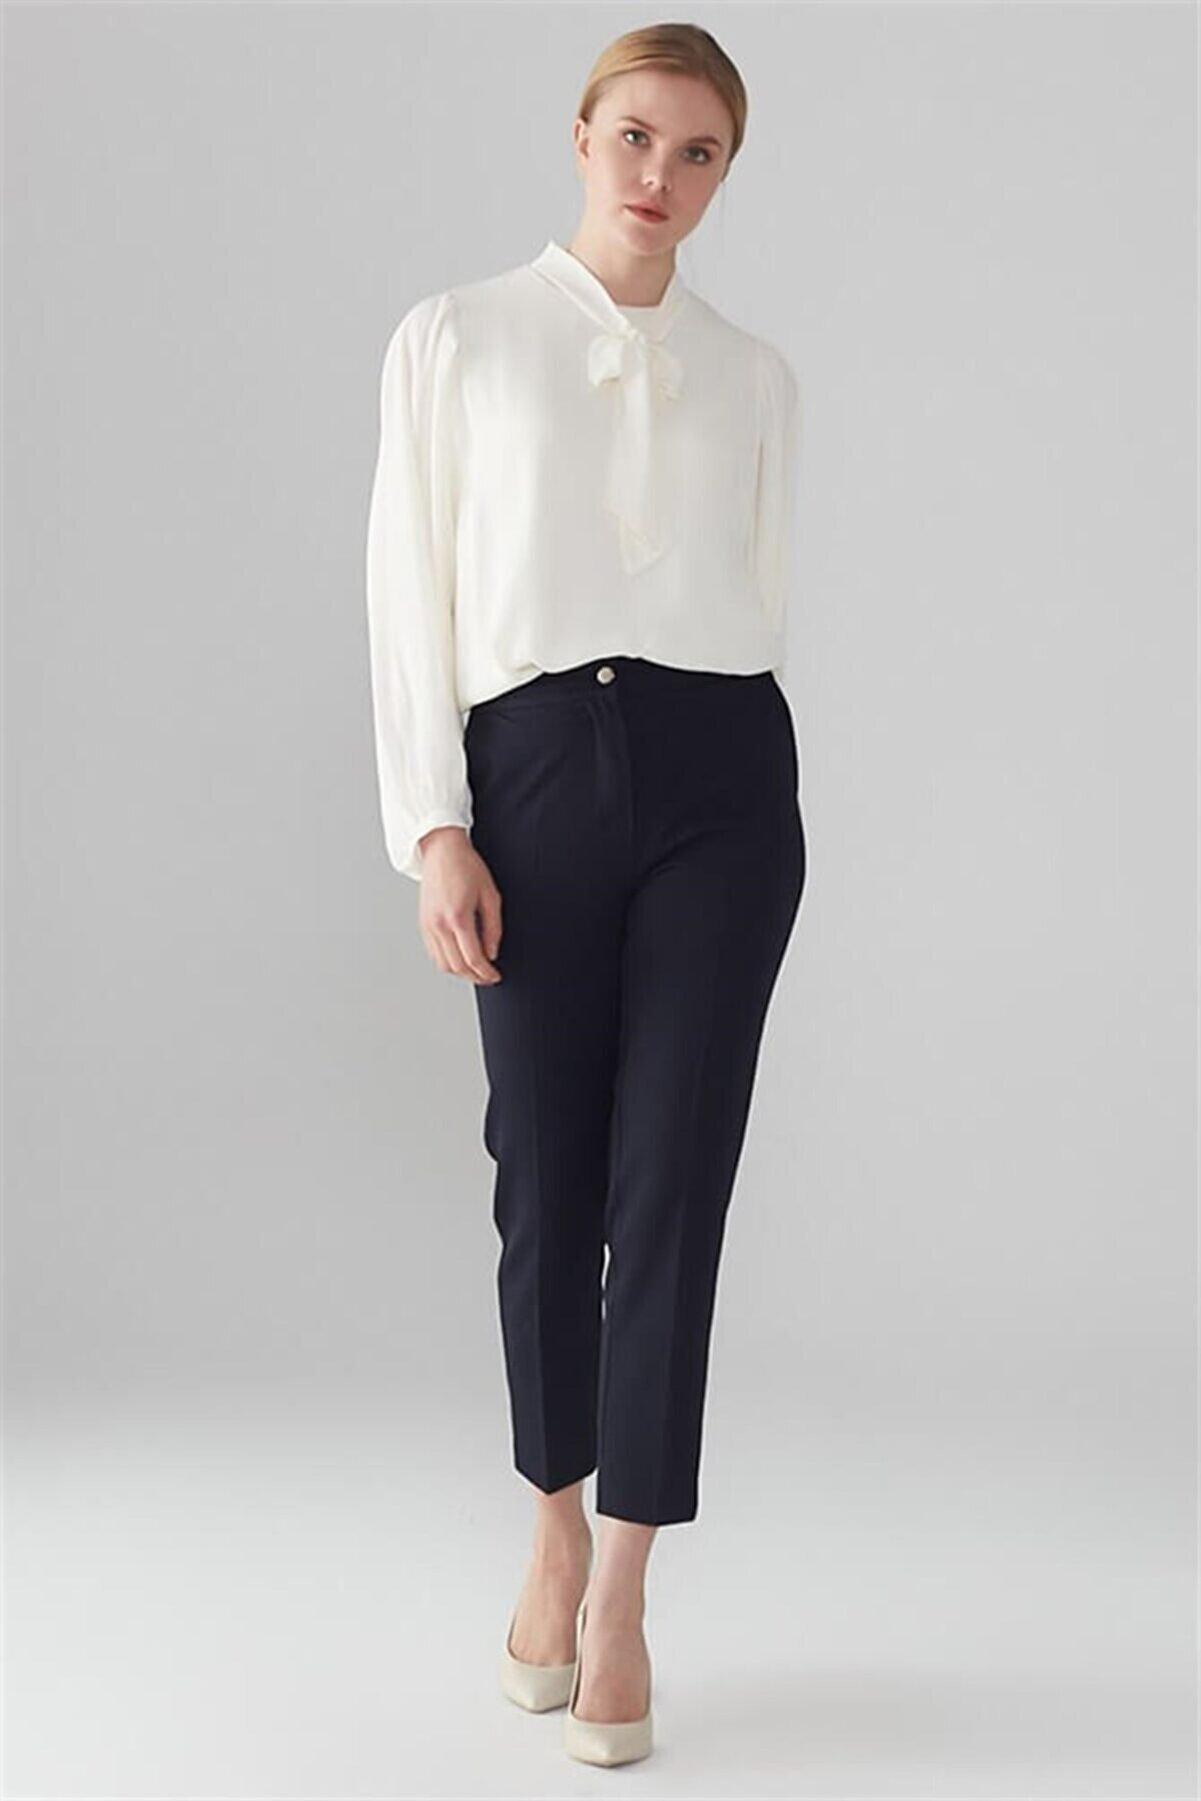 Zühre Kadın Pantolon Siyah